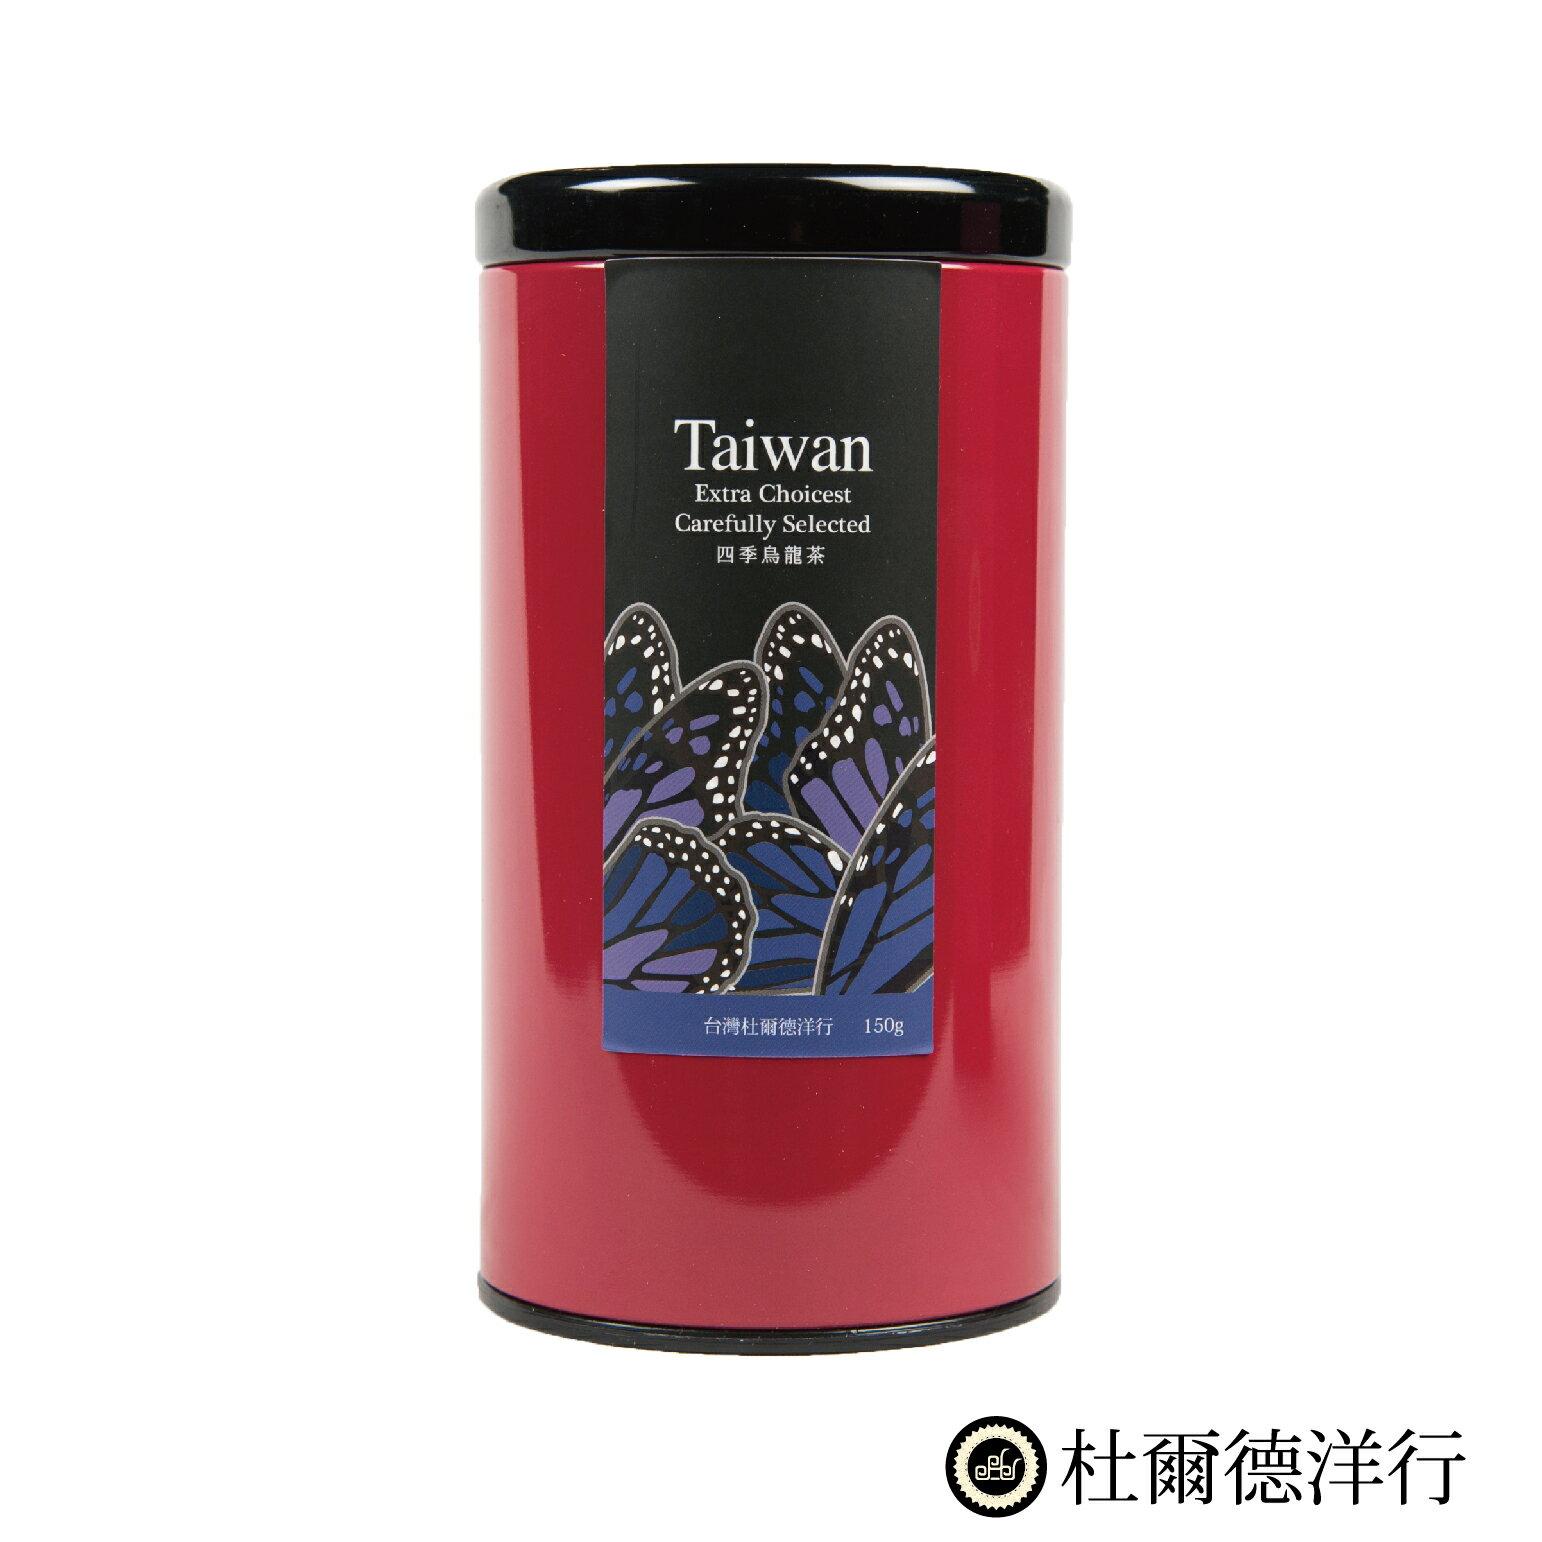 【杜爾德洋行 Dodd Tea】精選四季烏龍茶 150g 0